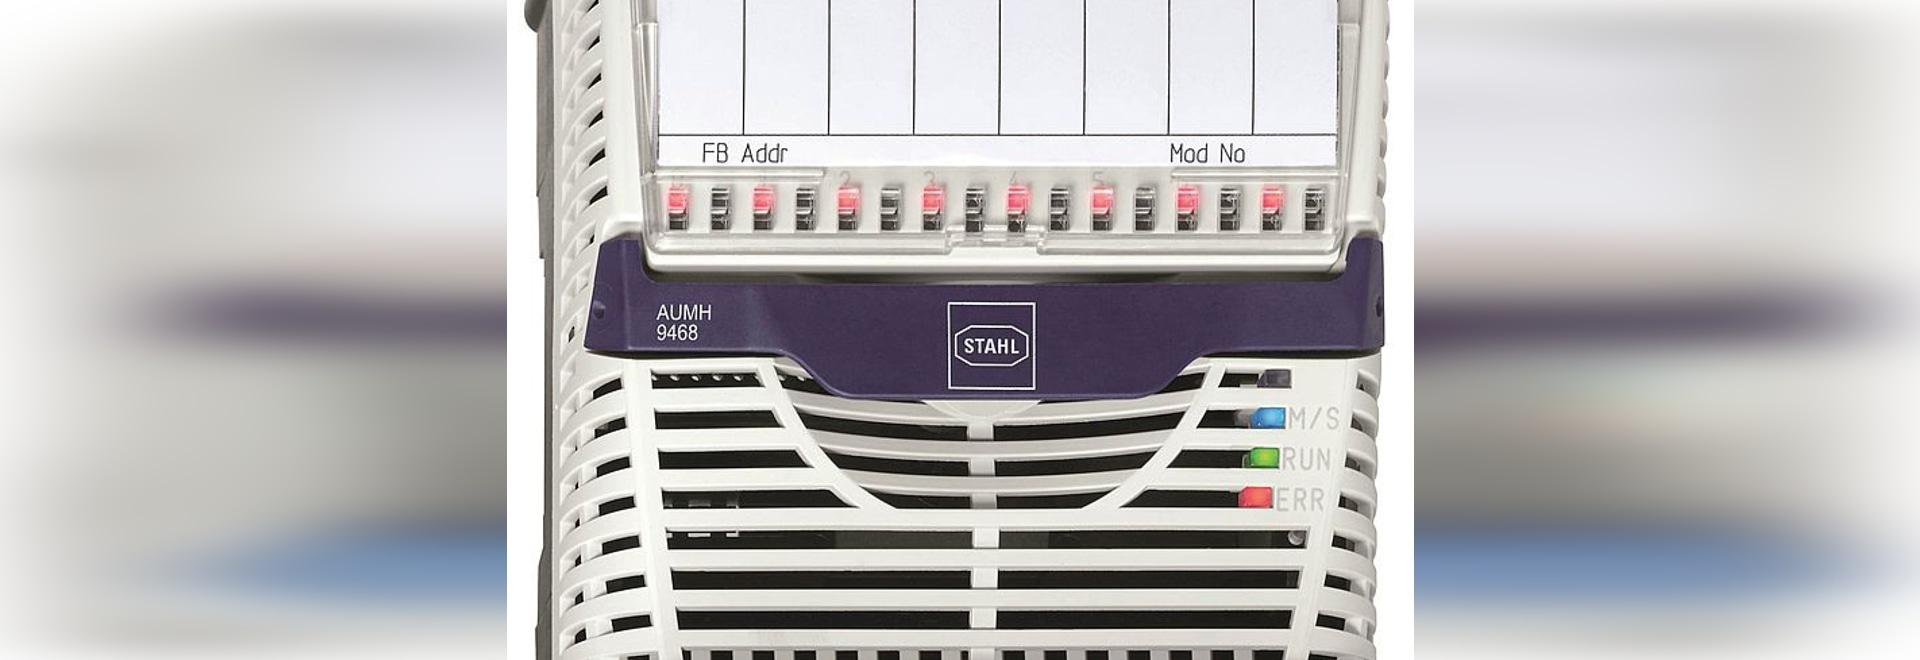 Modules d'entrée fortement flexibles de la température pour le système d'IS1+